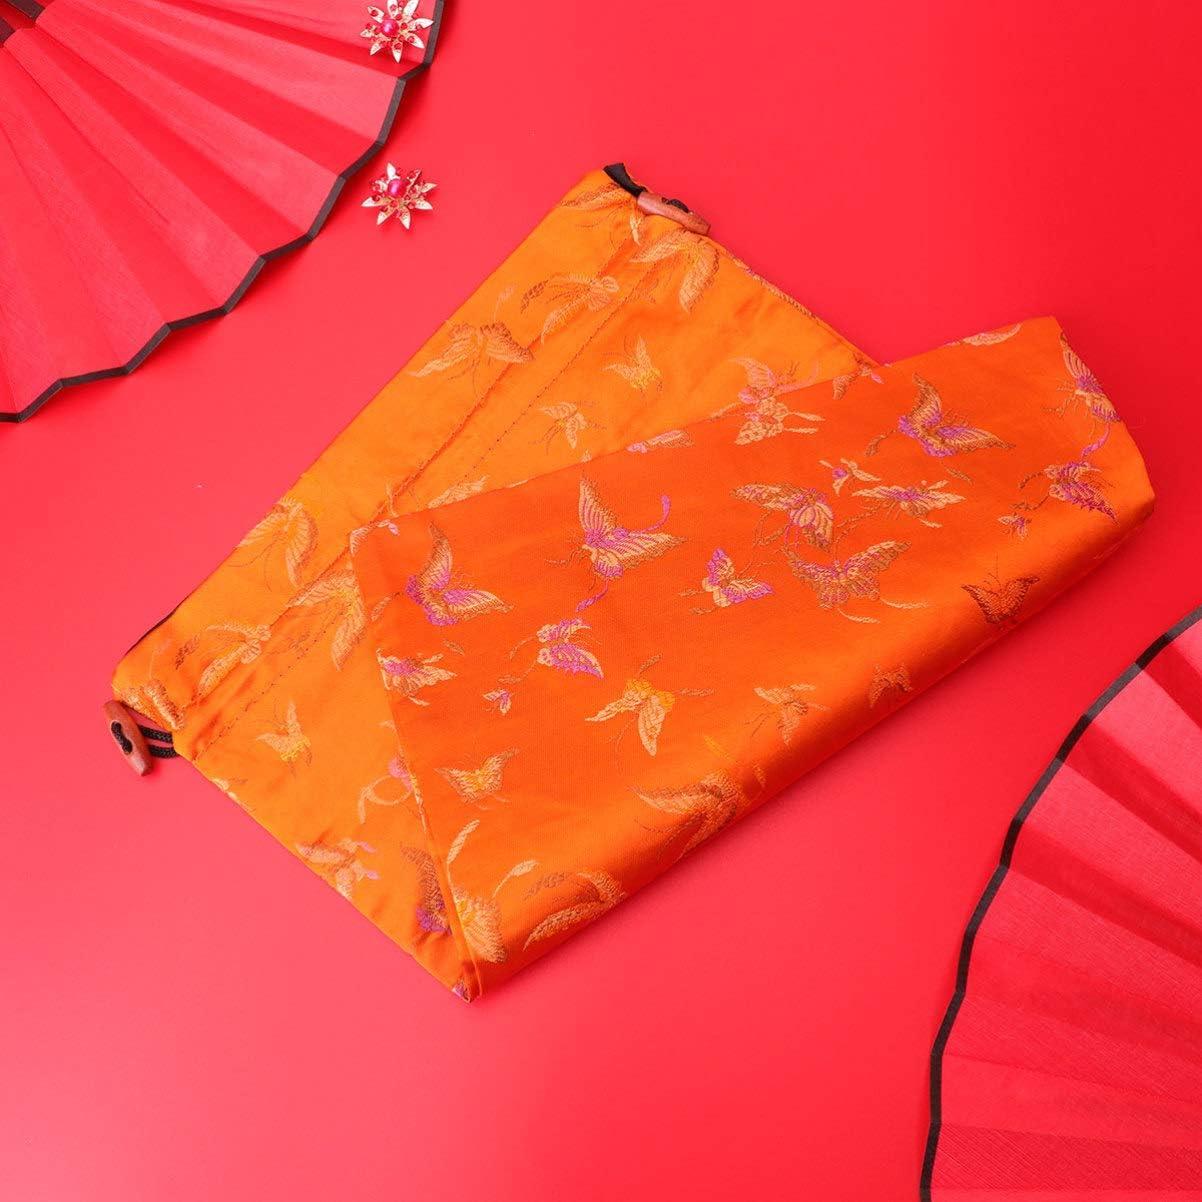 TOPBATHY Sac /à Cordon en Soie Sac de Rangement de Poche de Bijoux de Style Chinois pour La F/ête de Mariage Motif Al/éatoire Orange